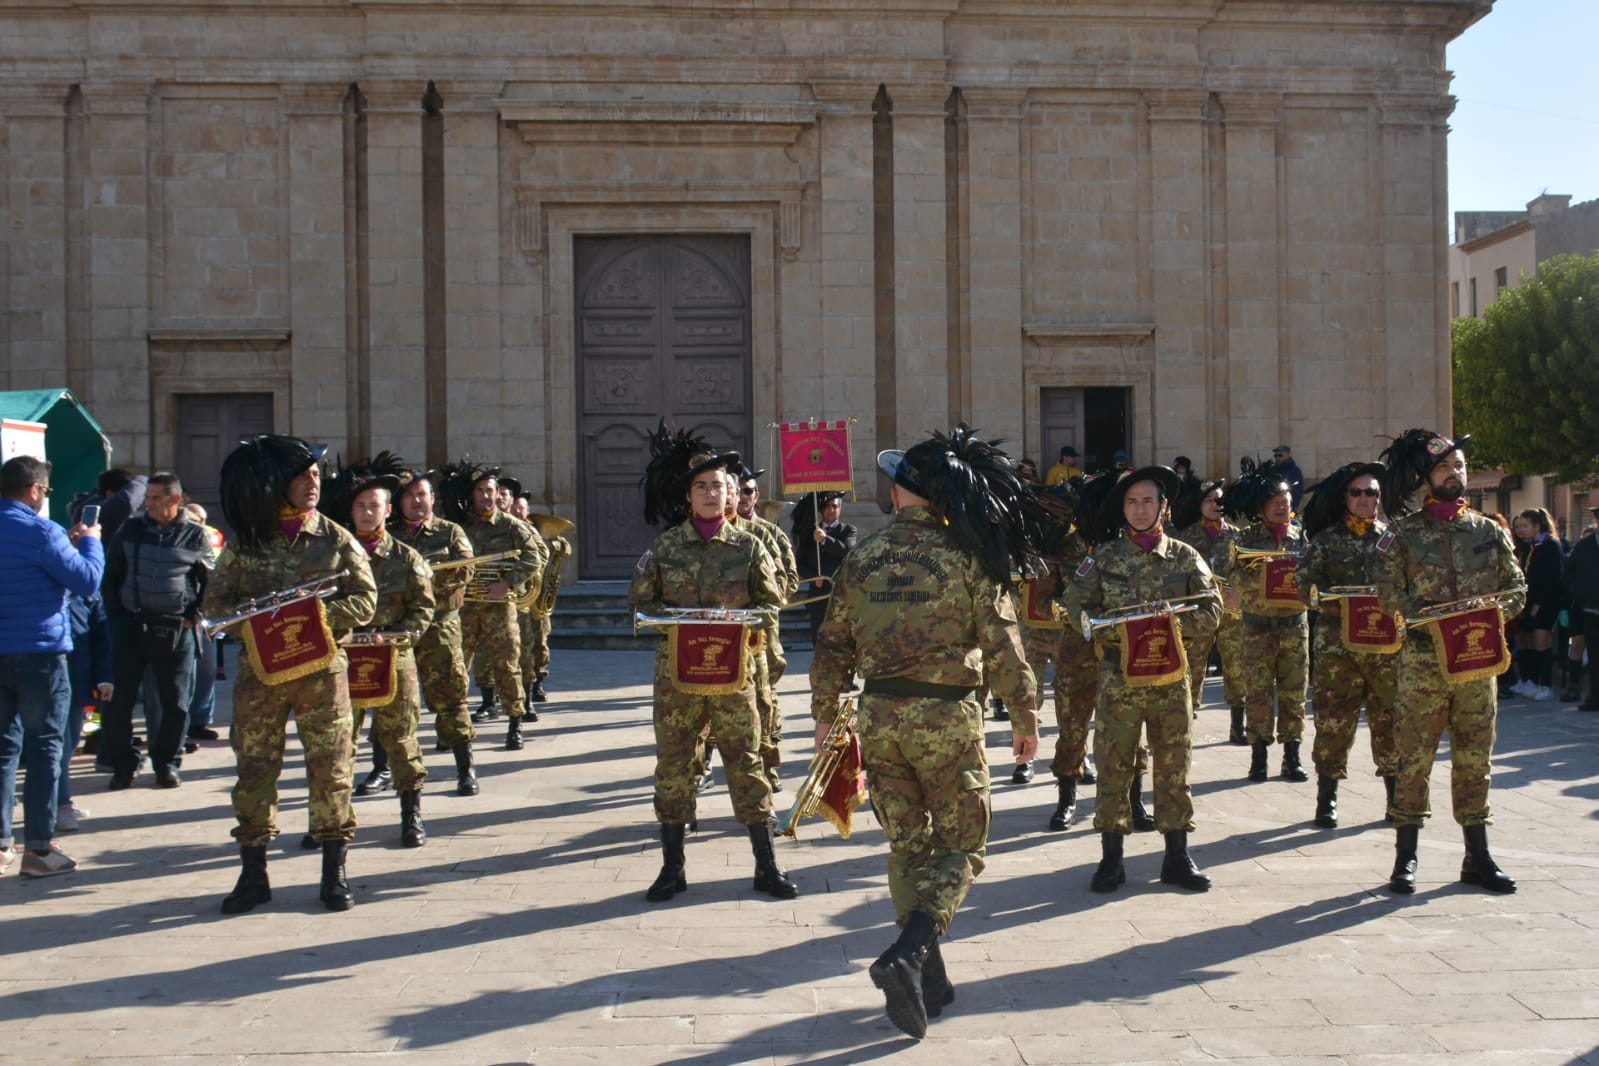 La ricostituzione ufficiale della Fanfara dei Bersaglieri: l'esibizione in piazza